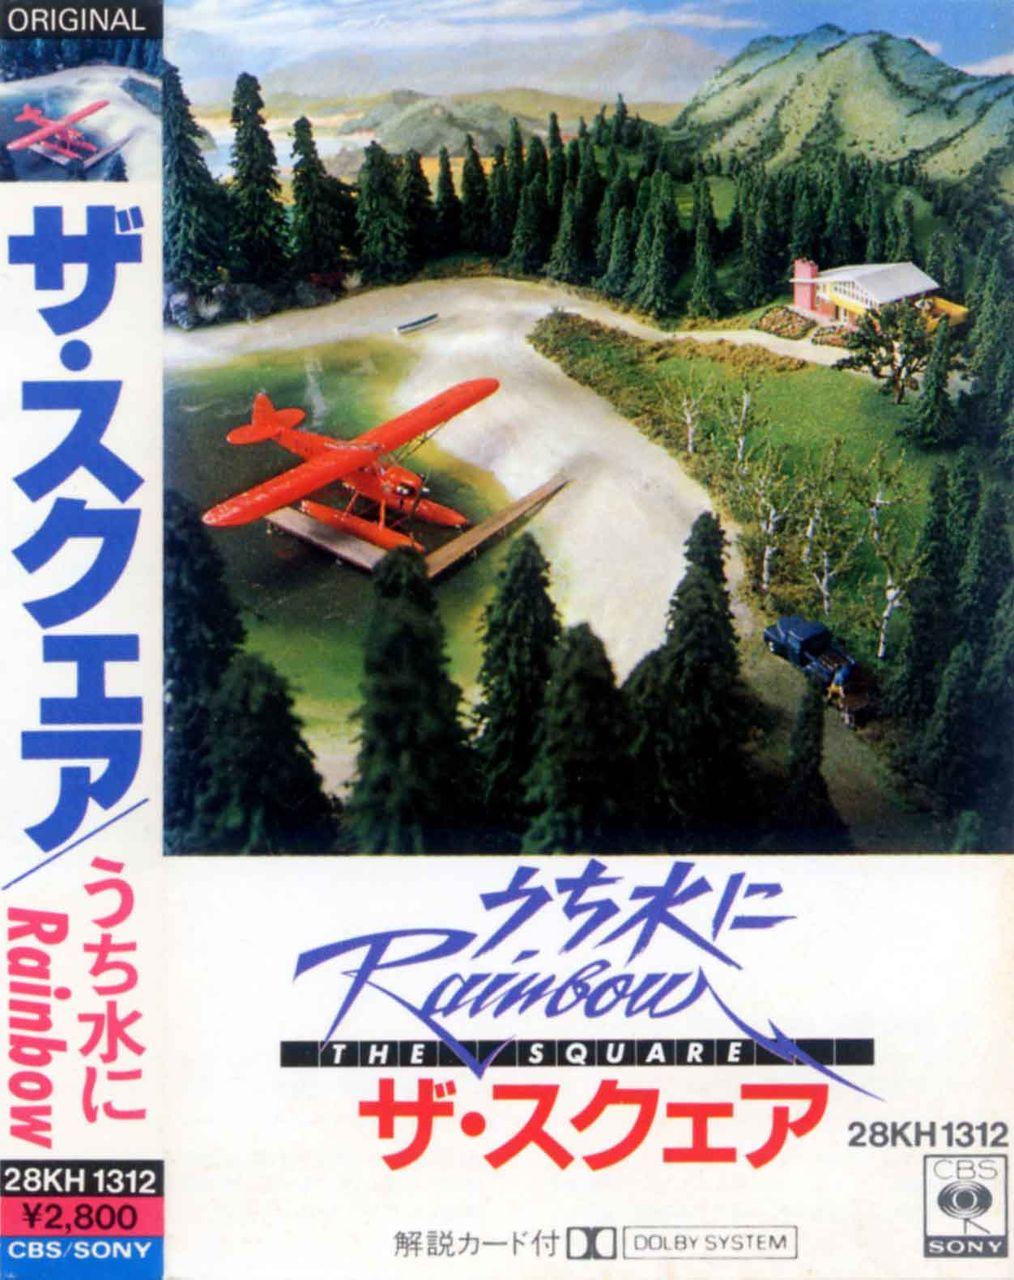 うち水にRAINBOW-1